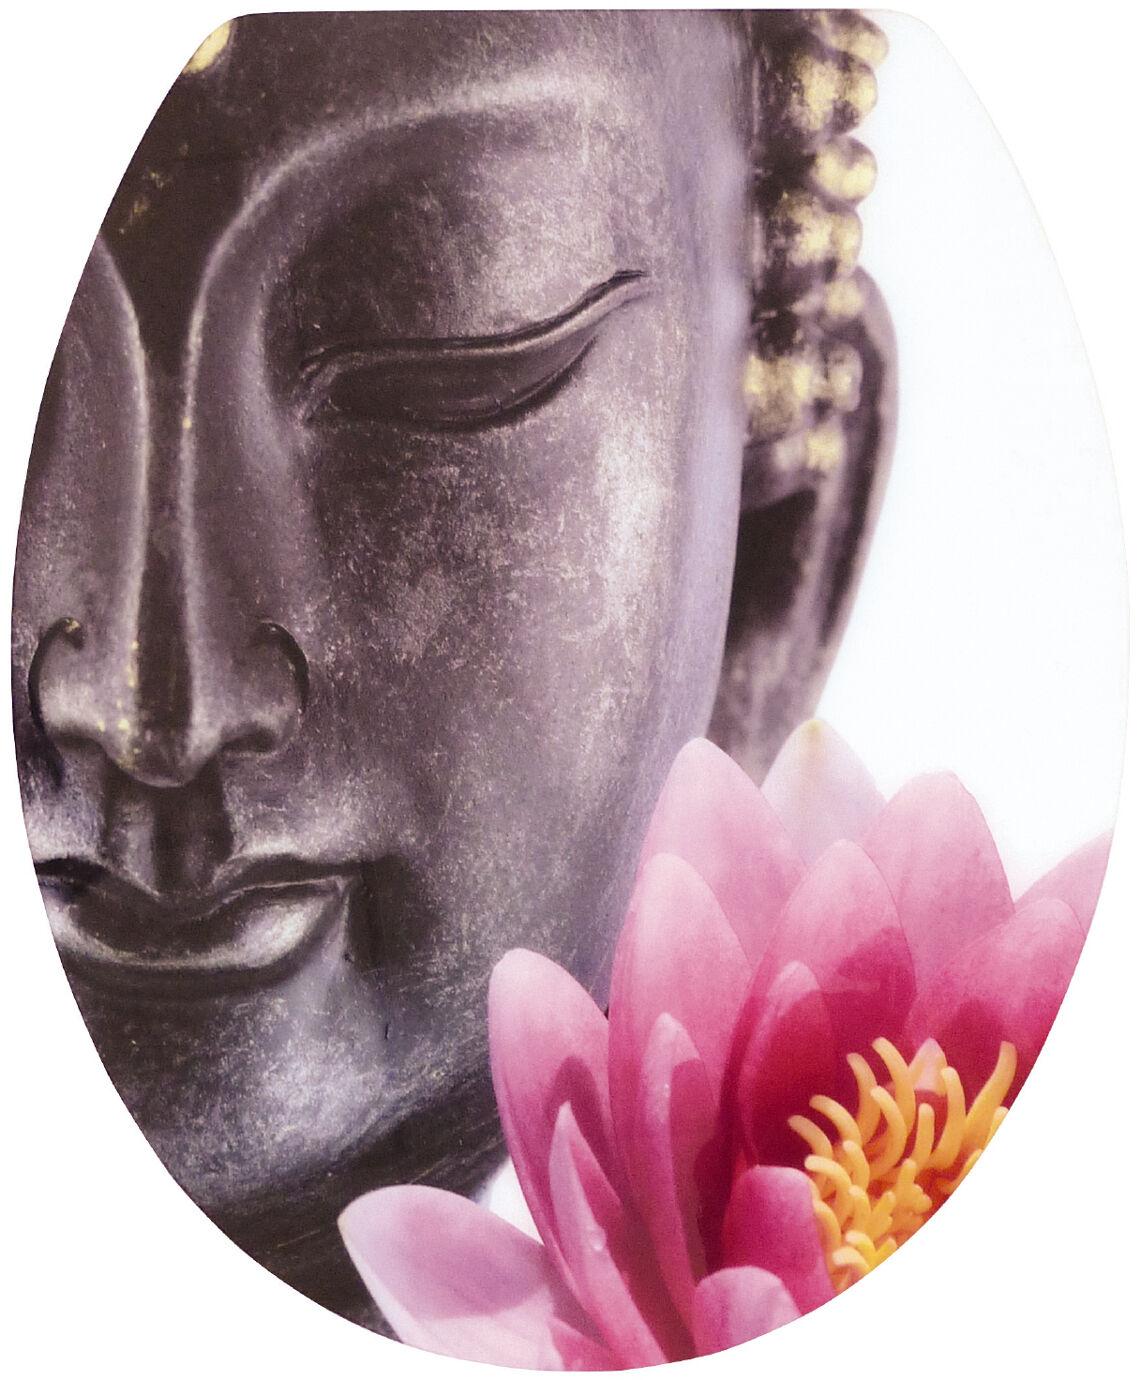 WC-Sitz Klobrille High-Gloss Dekor Buddha mit Soft-Schließ-Komfort und Fast Fix   | Online Outlet Store